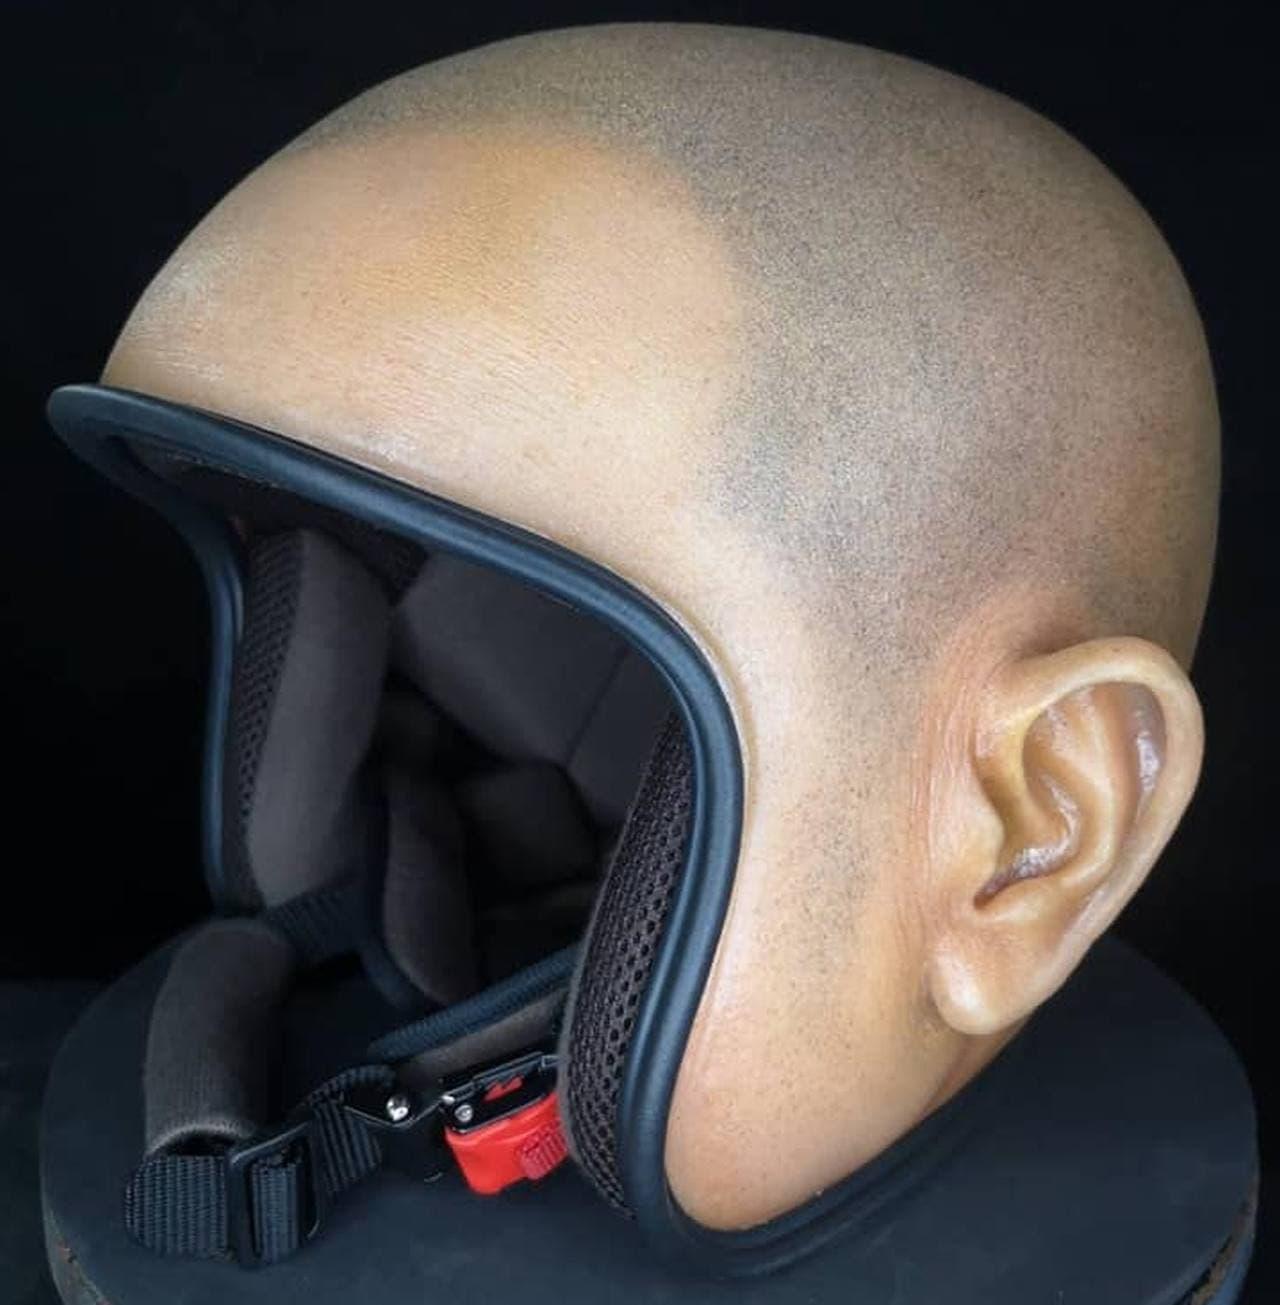 被っていないように見えるヘルメット「HEARMET」、日本からも買えます